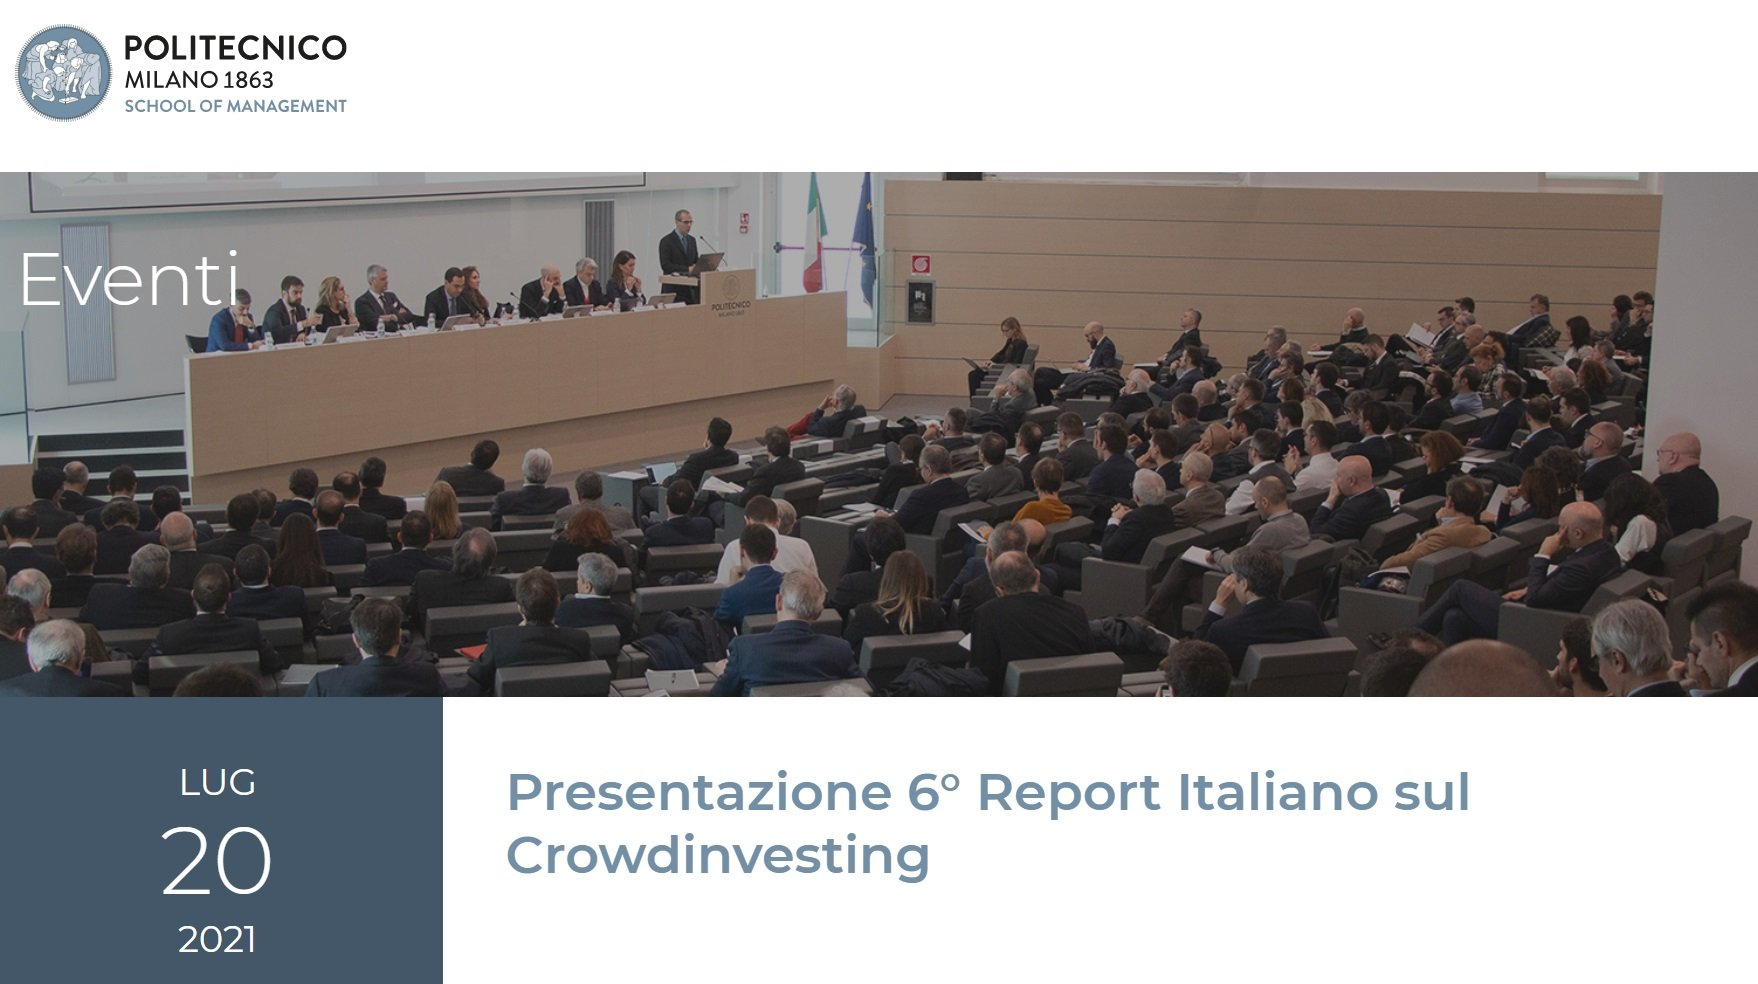 6° Report Italiano sul CrowdInvesting, come seguire la presentazione LIVE